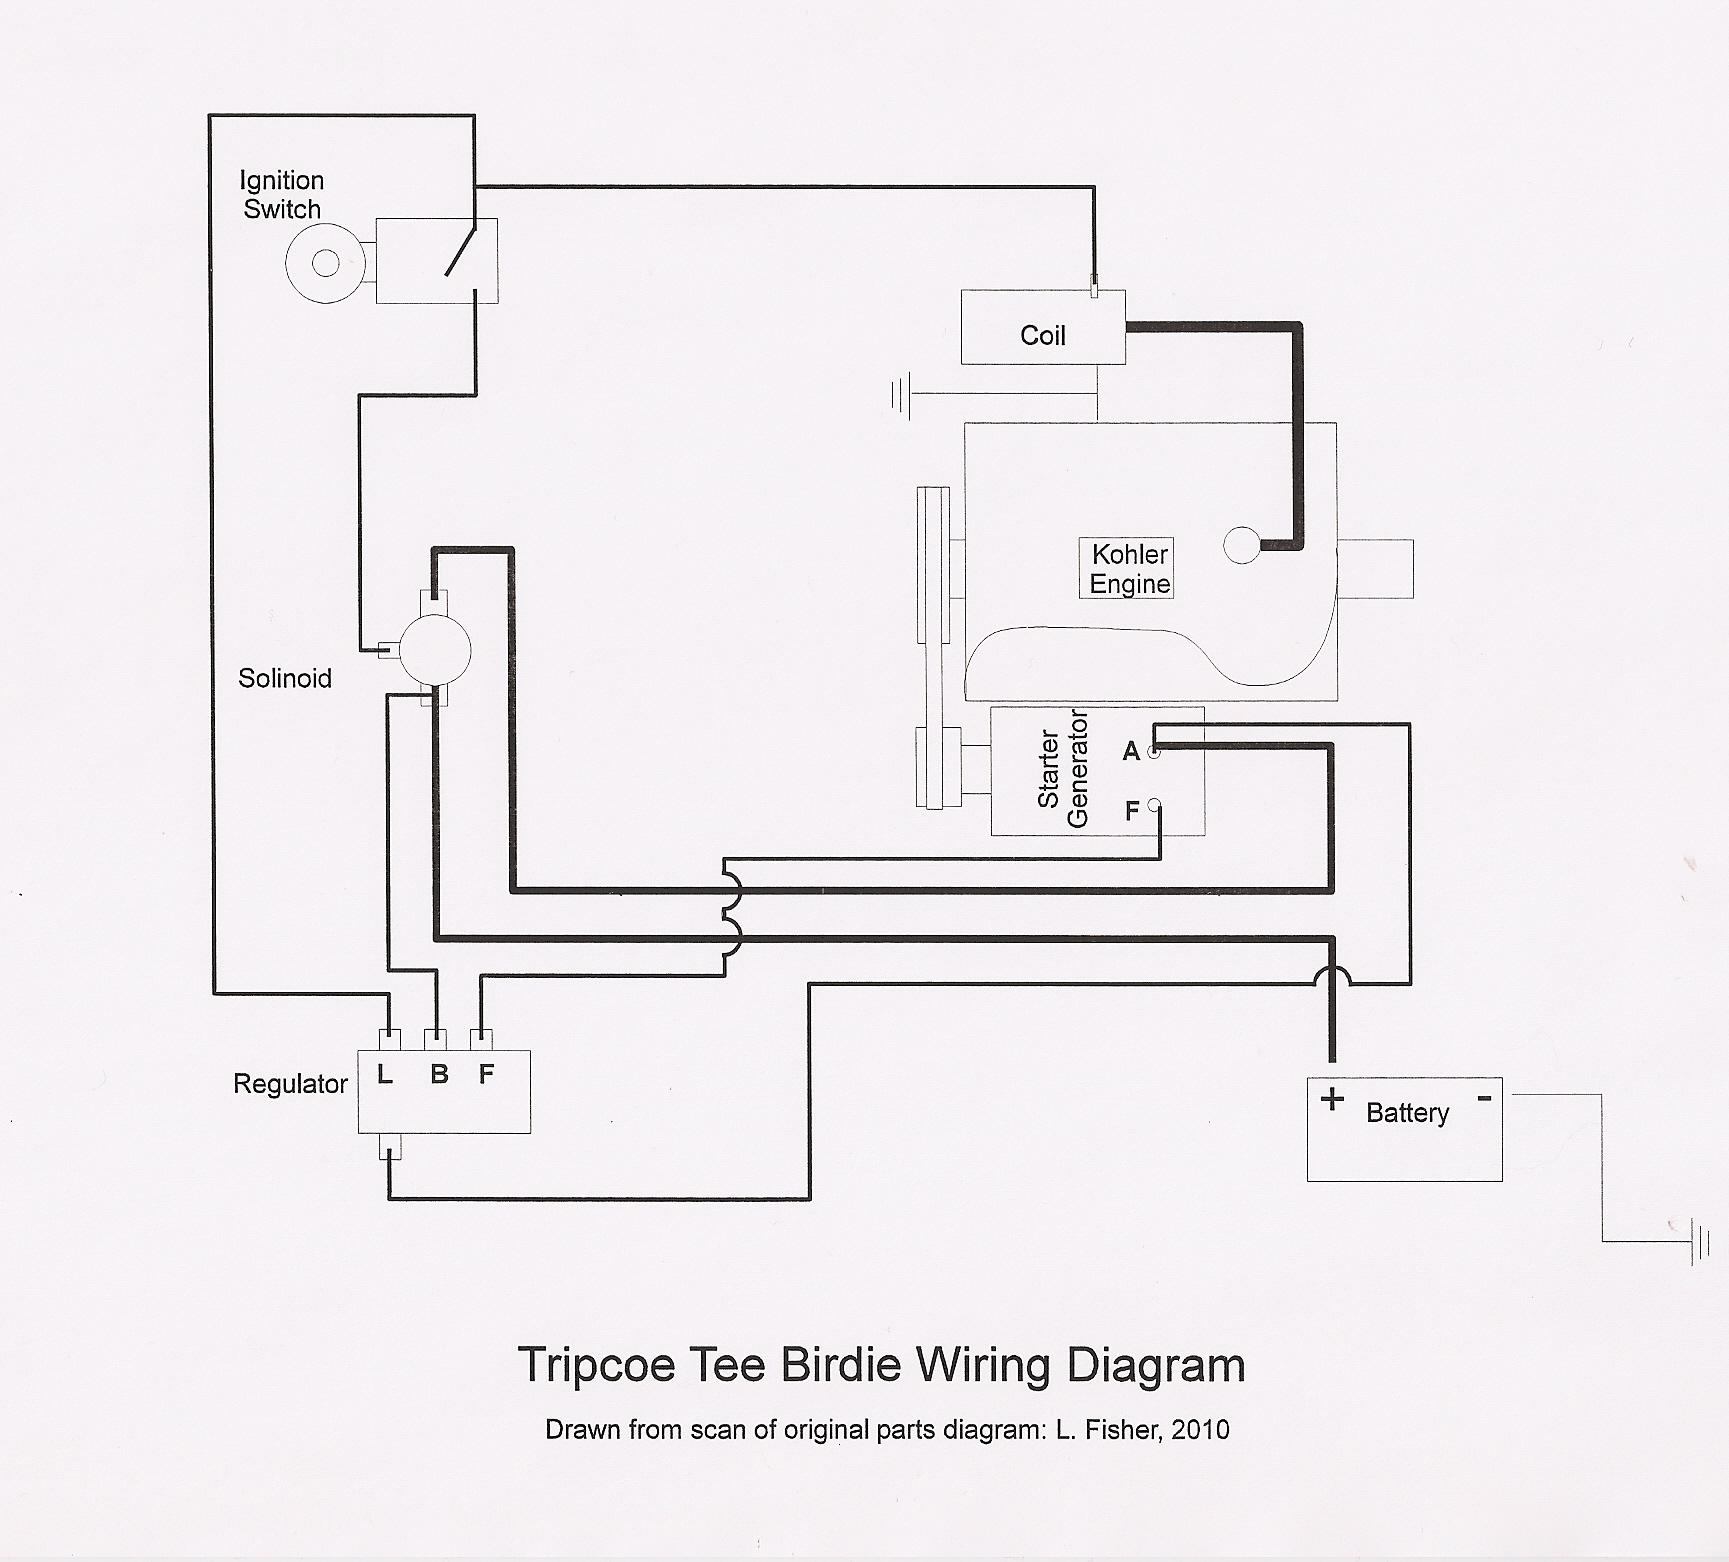 ez go gas wiring diagram 36 volt ezgo wiring diagram 1986 e1 wiring diagram ez go gas wiring diagram download free 36 volt ezgo wiring diagram 1986 e1